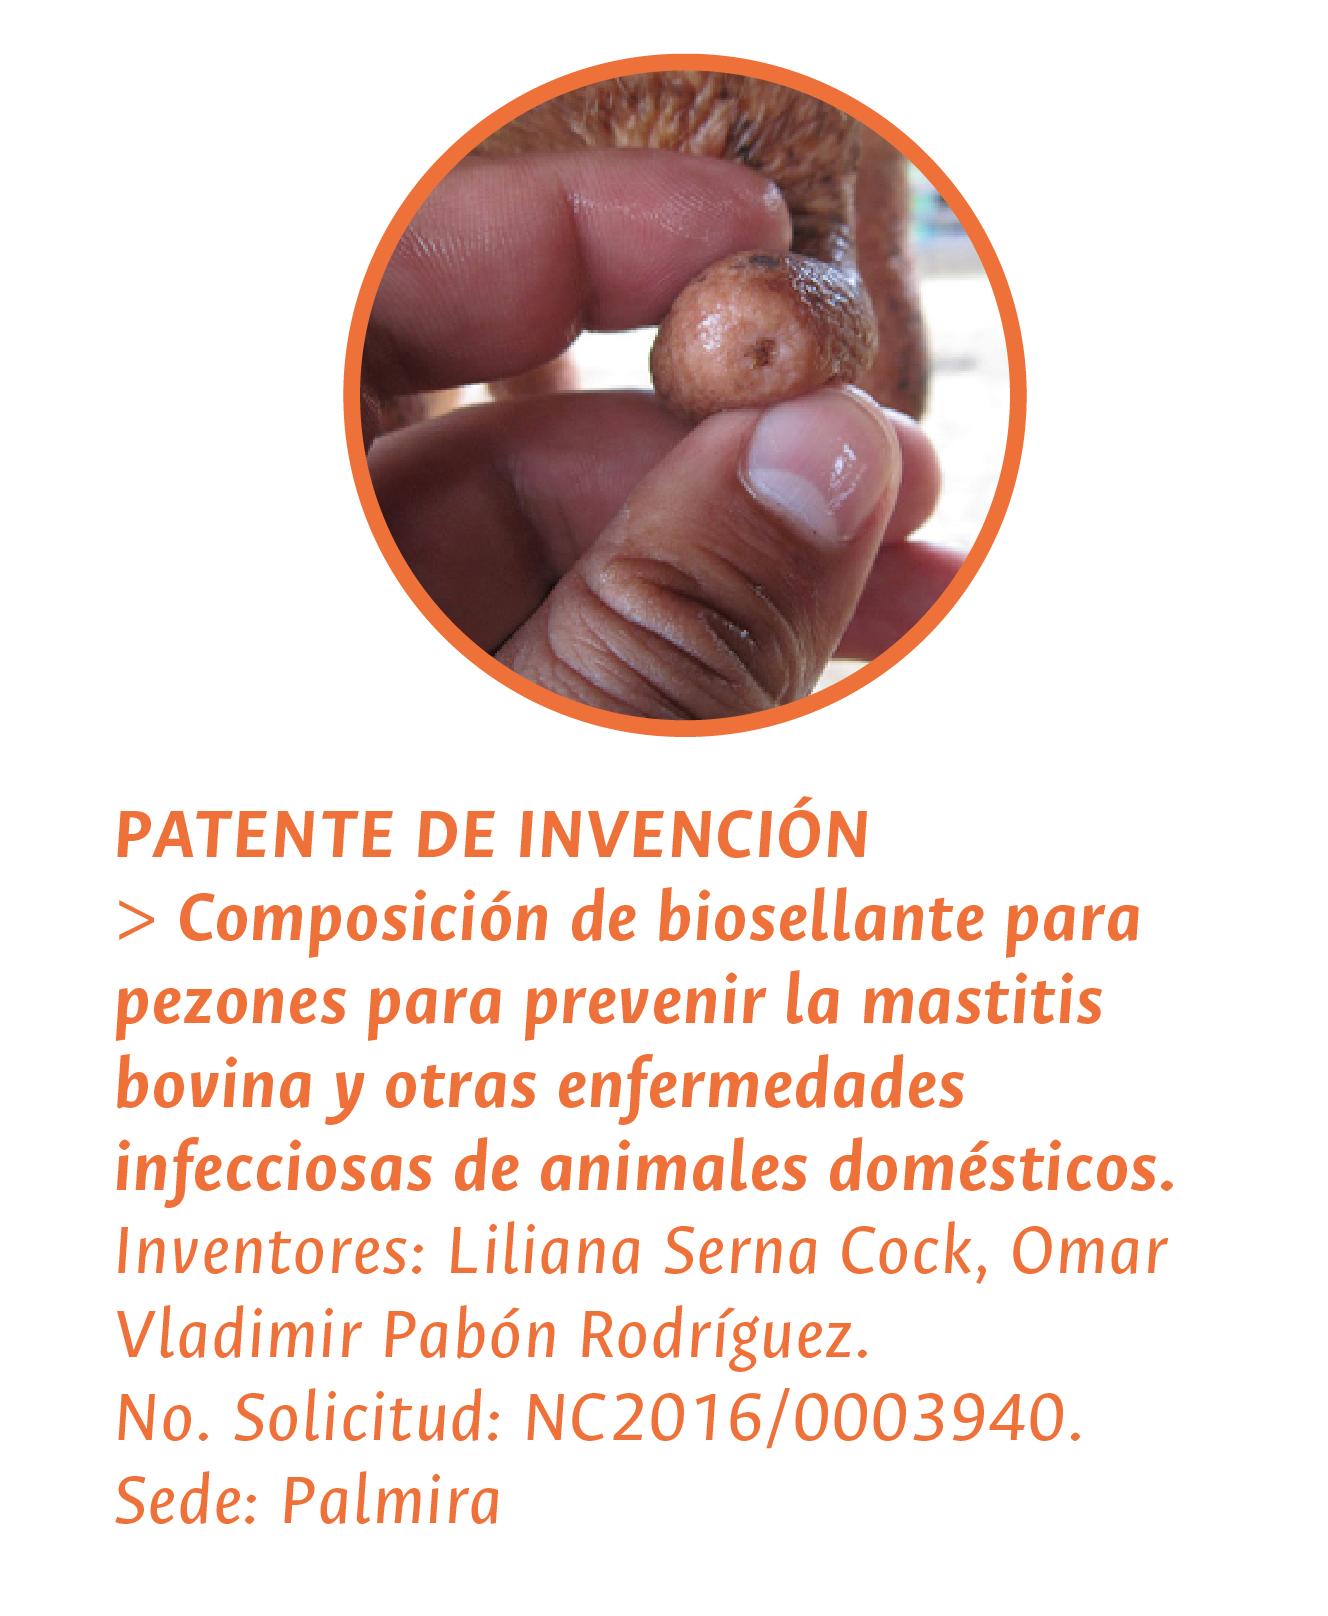 PATENTE DE INVENCIÓN > «Composición de biosellante para pezones para prevenir la mastitis bovina y otras enfermedades infecciosas de animales domésticos». Inventores: Liliana Serna Cock, Omar Vladimir Pabón Rodríguez. No. Solicitud: NC2016/0003940. Palmira